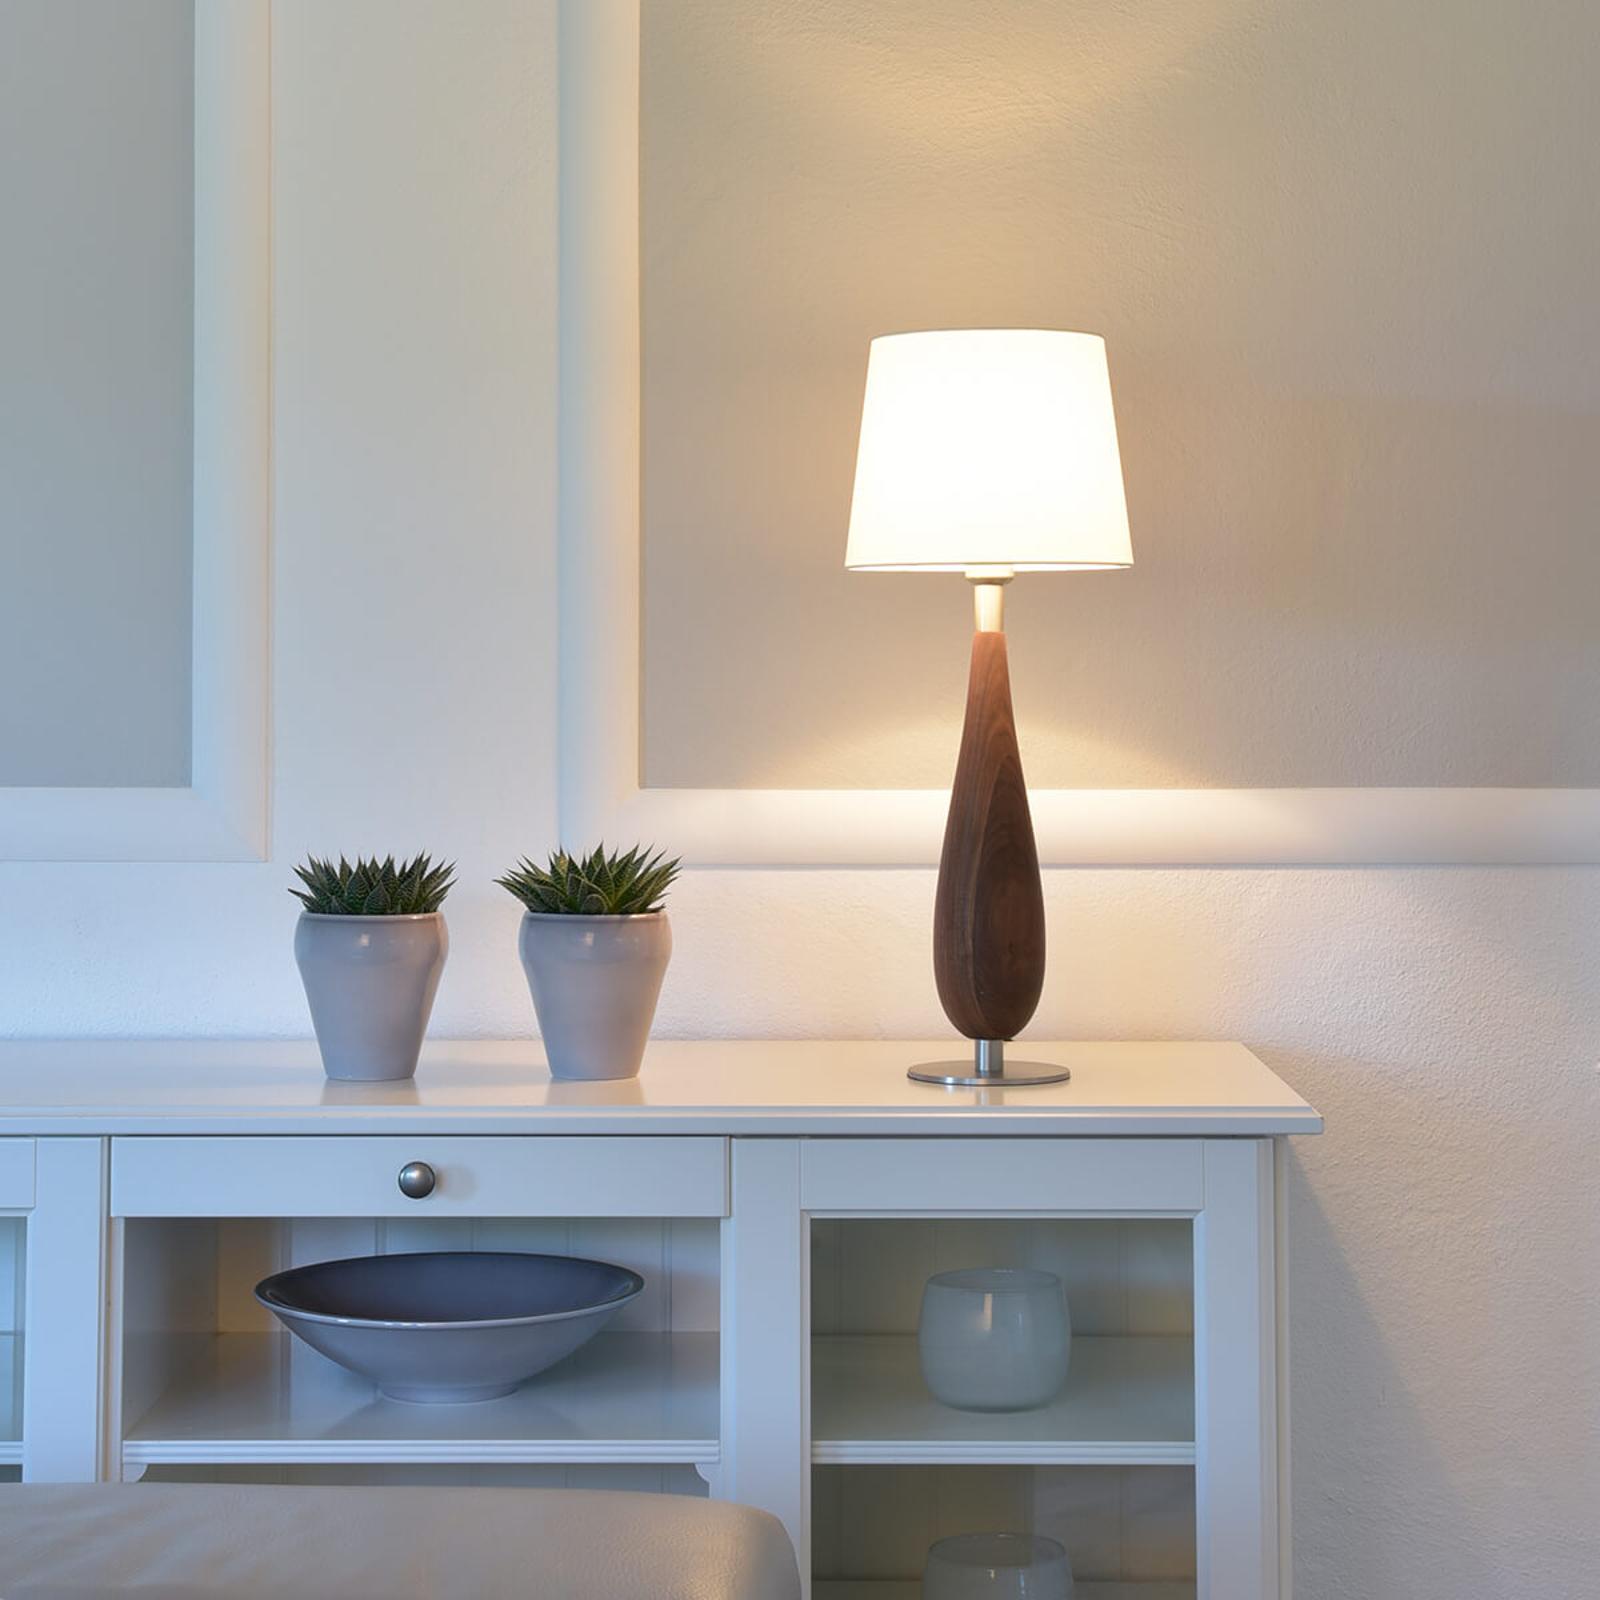 Produktové foto HerzBlut HerzBlut Lara stolní lampa ořechové dřevo, 61cm